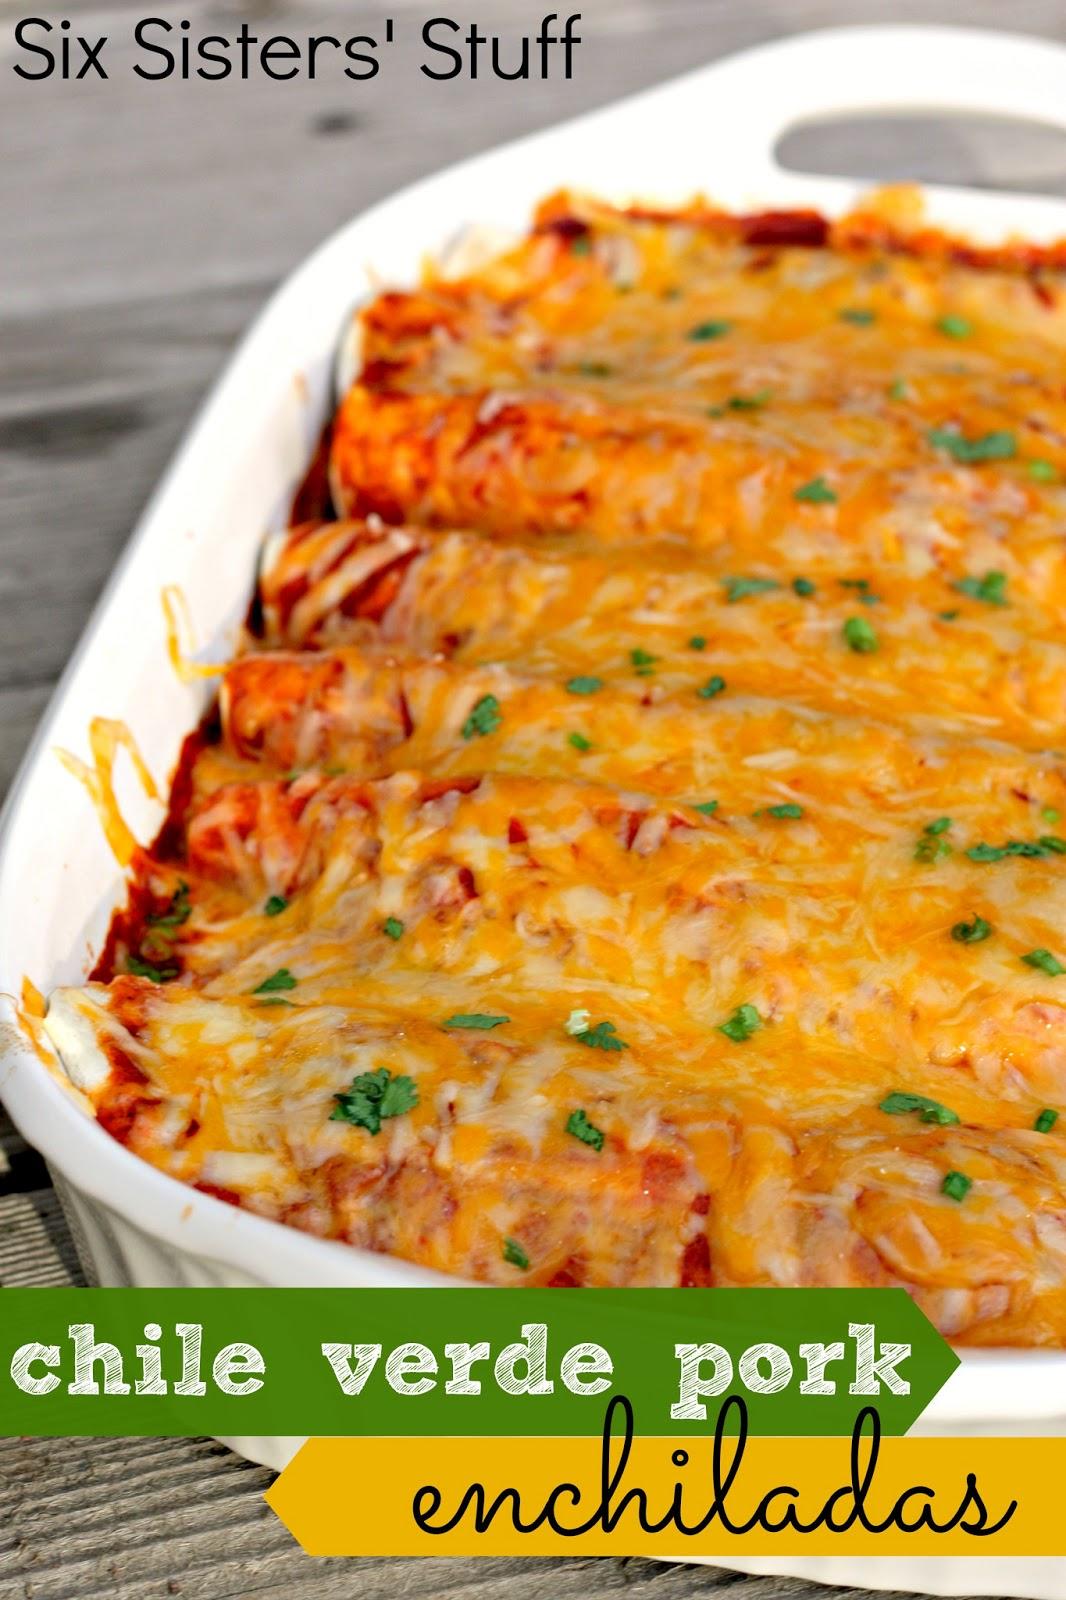 Recipe for pork enchiladas